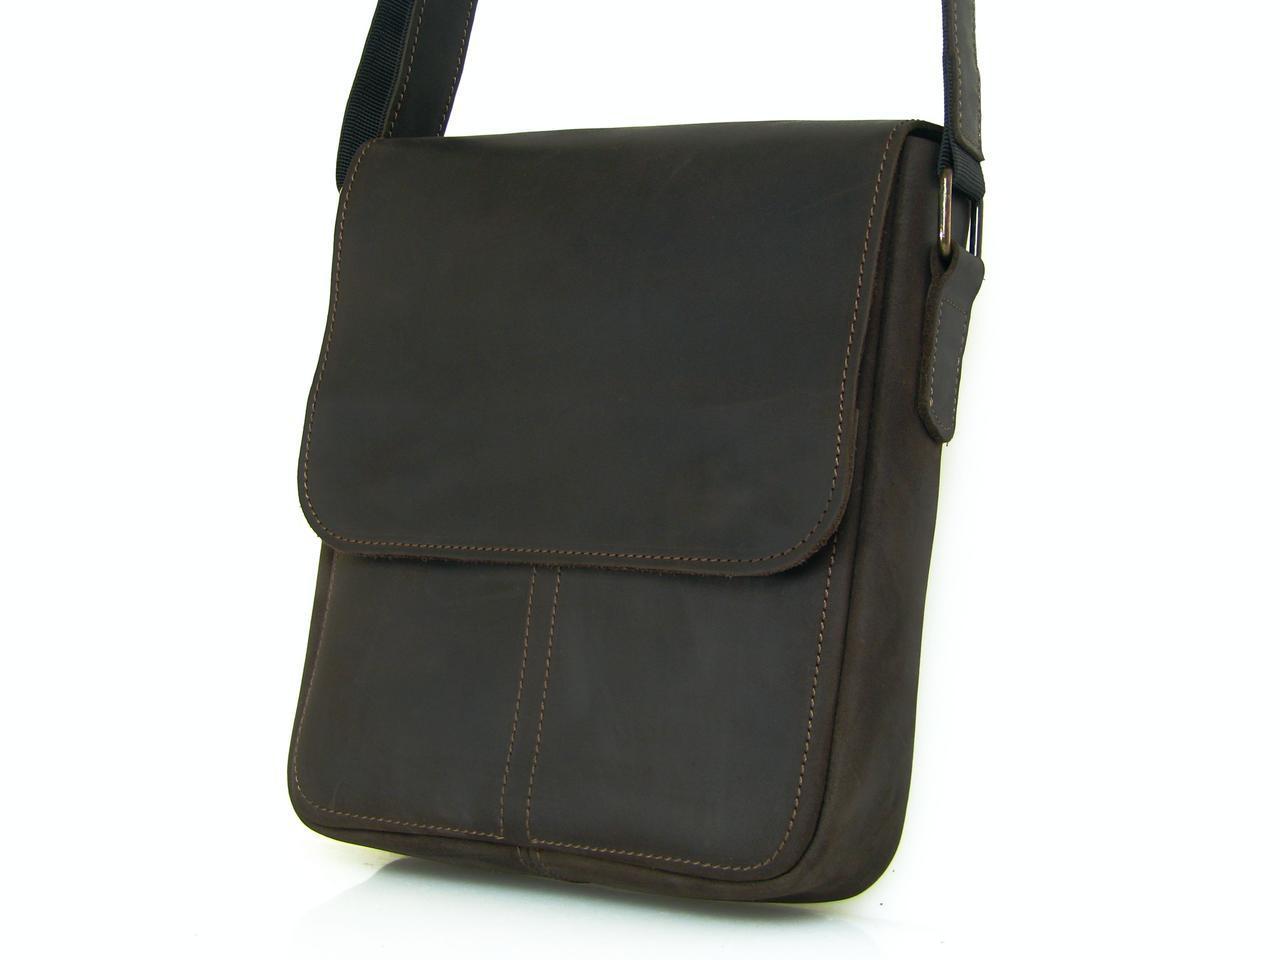 Мужская повседневная сумка GS кожаная  коричневая